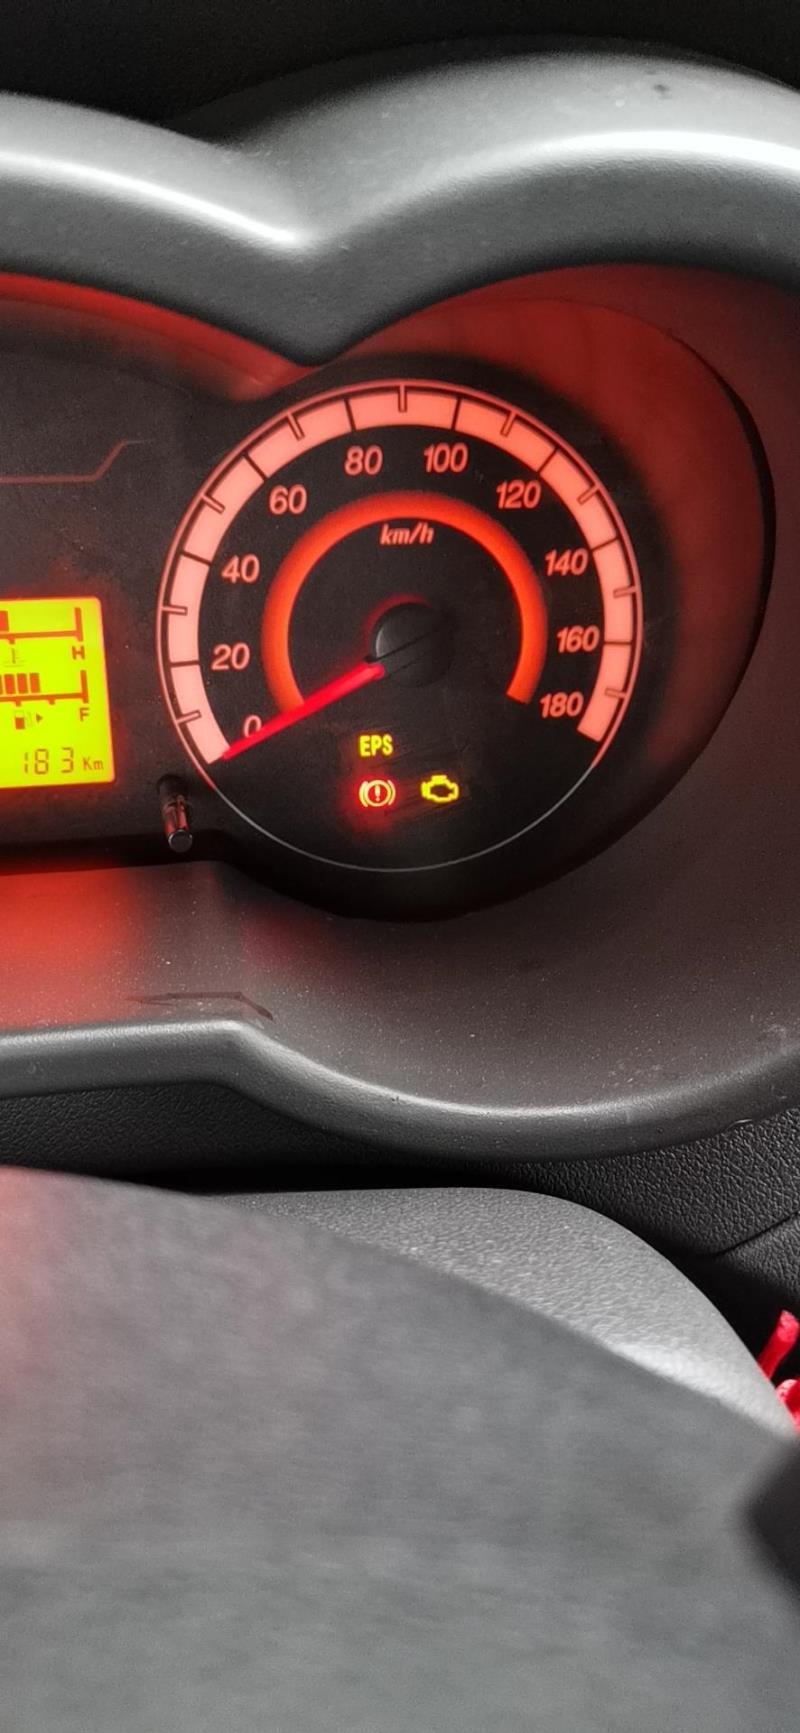 长安星卡国六箱车,刚开四天发动机故障灯一直亮着怎么回事